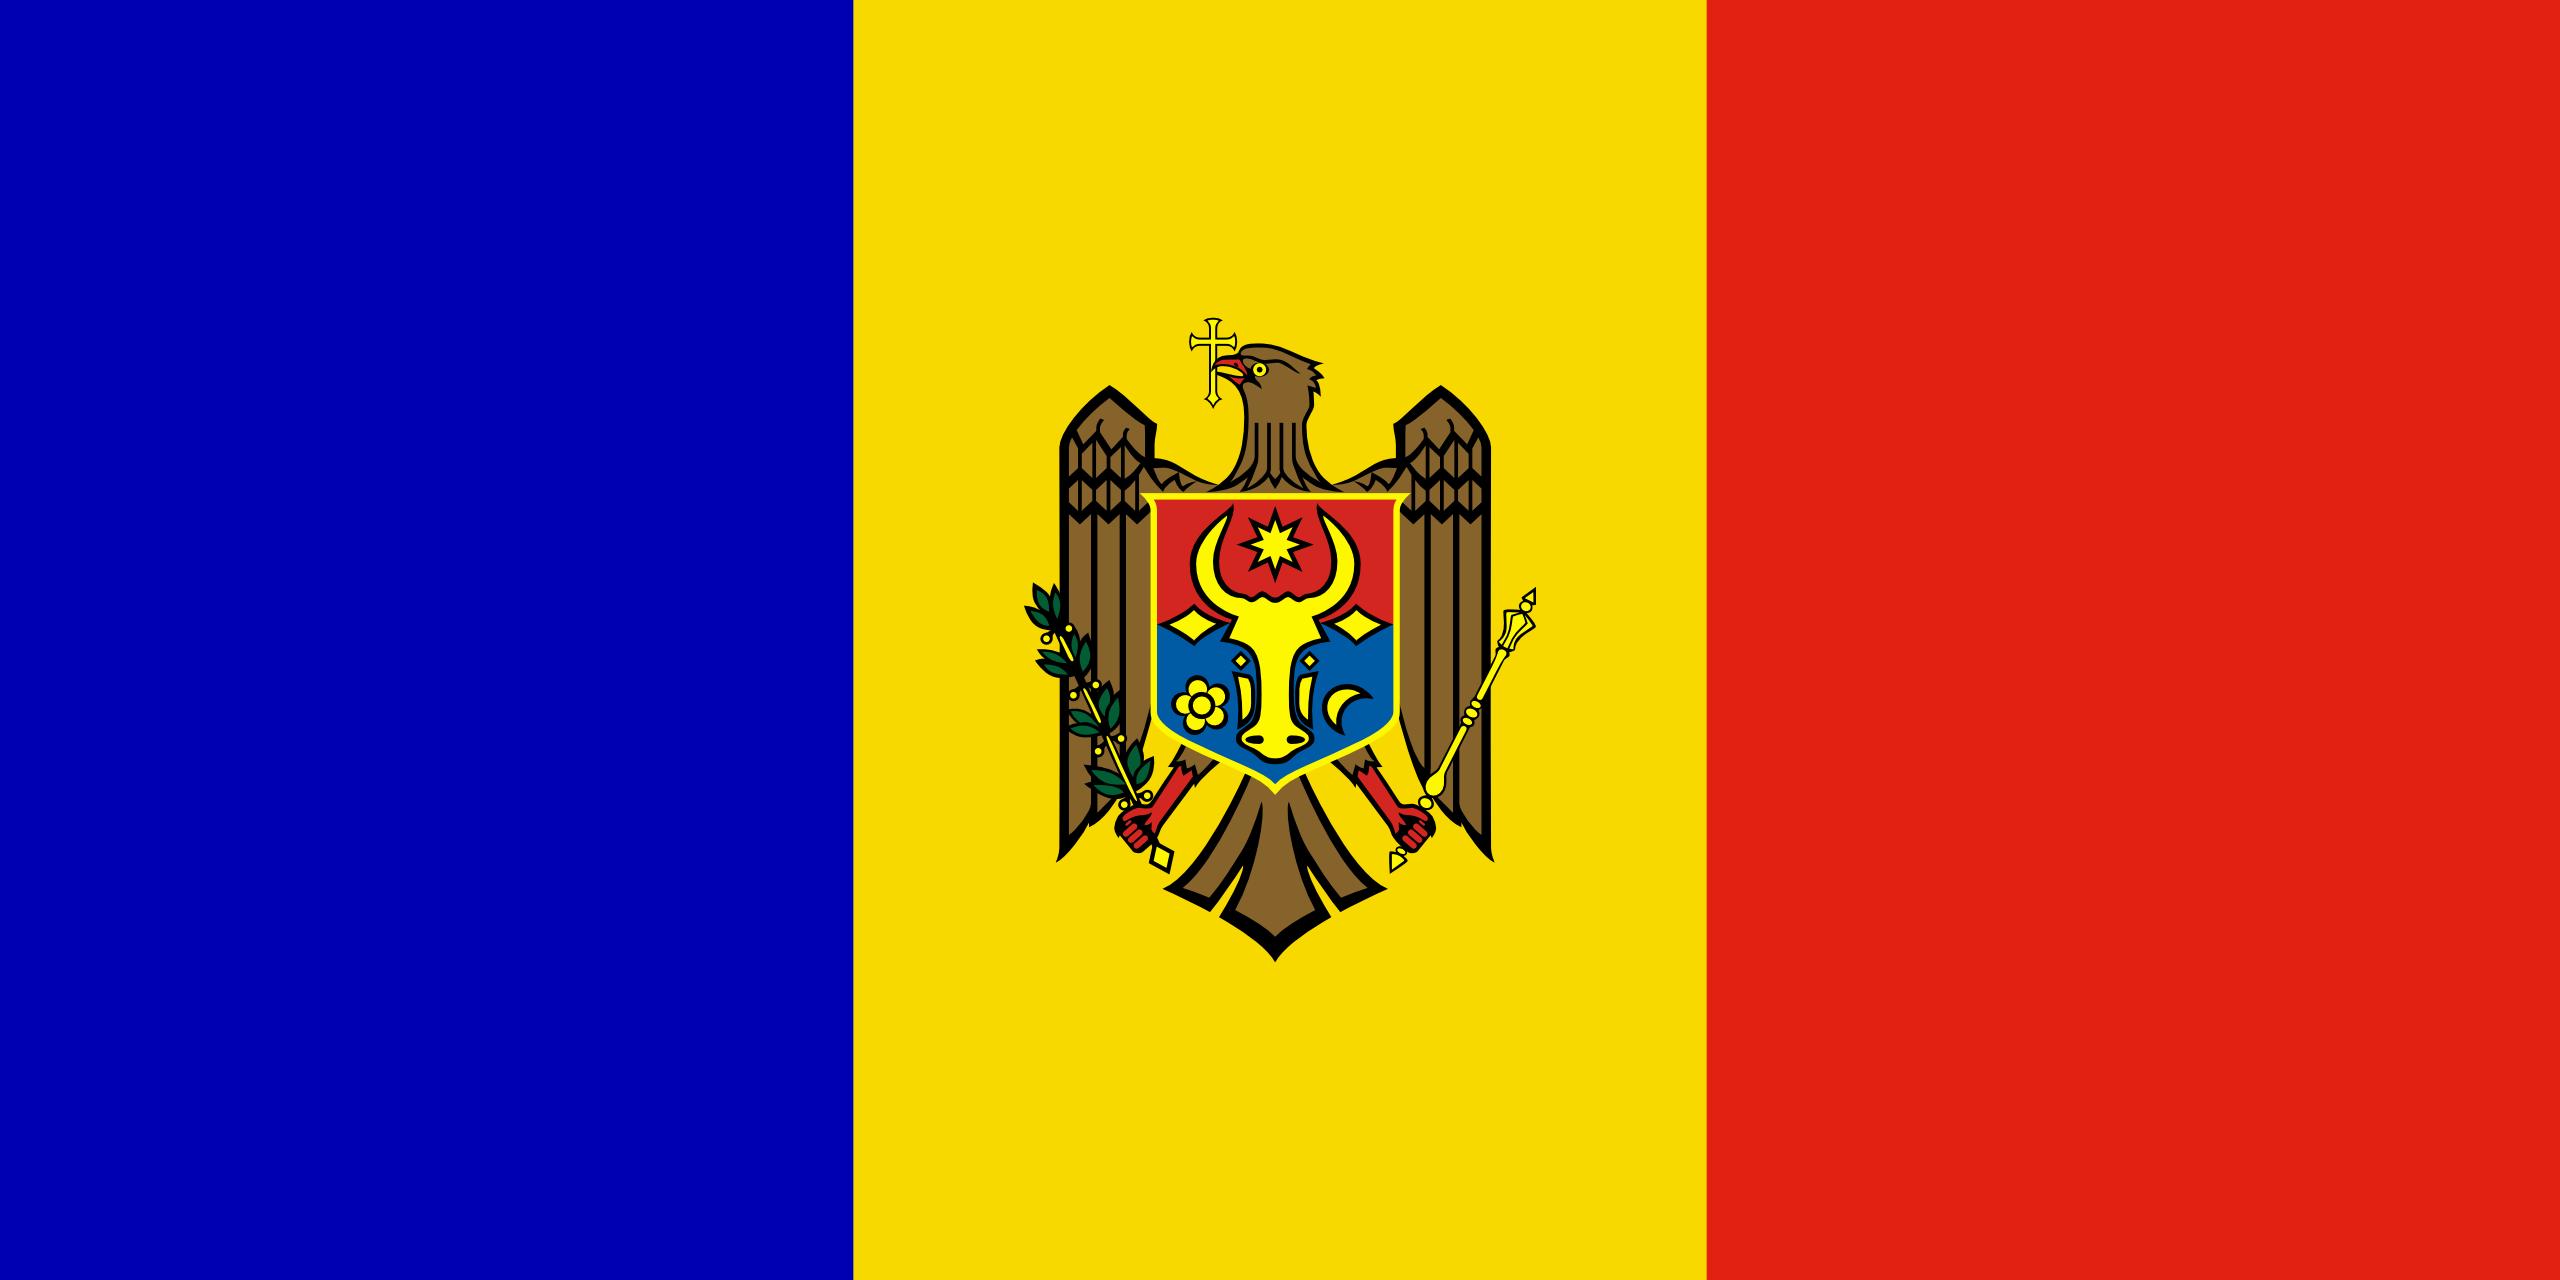 Moldávia, país, Brasão de armas, logotipo, símbolo - Papéis de parede HD - Professor-falken.com